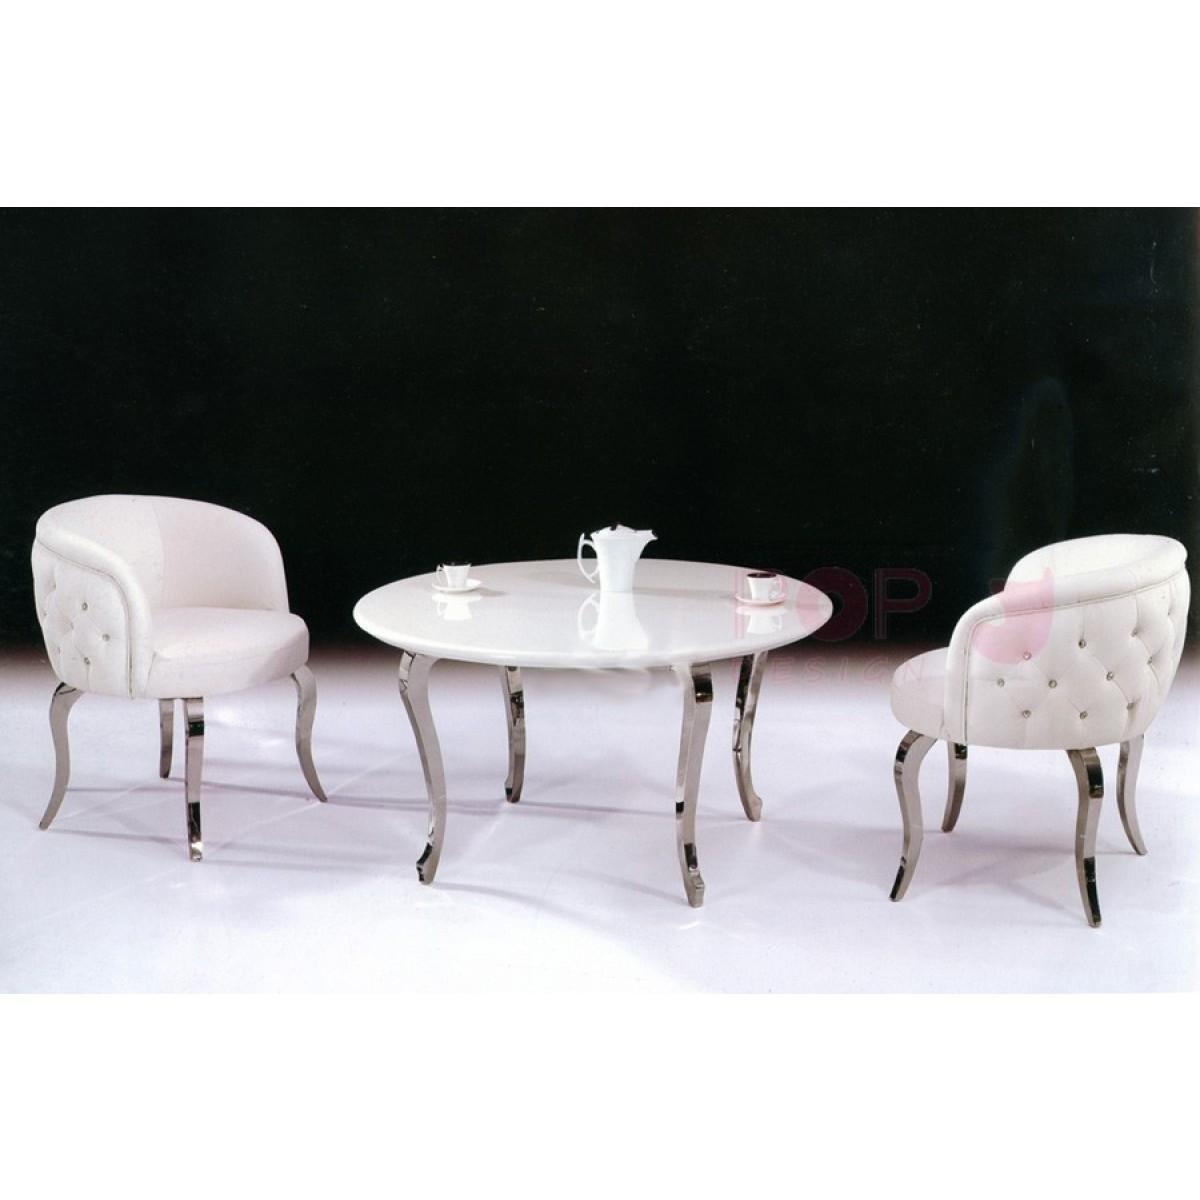 fauteuils boudoirs blanc ou noir lot de 2. Black Bedroom Furniture Sets. Home Design Ideas